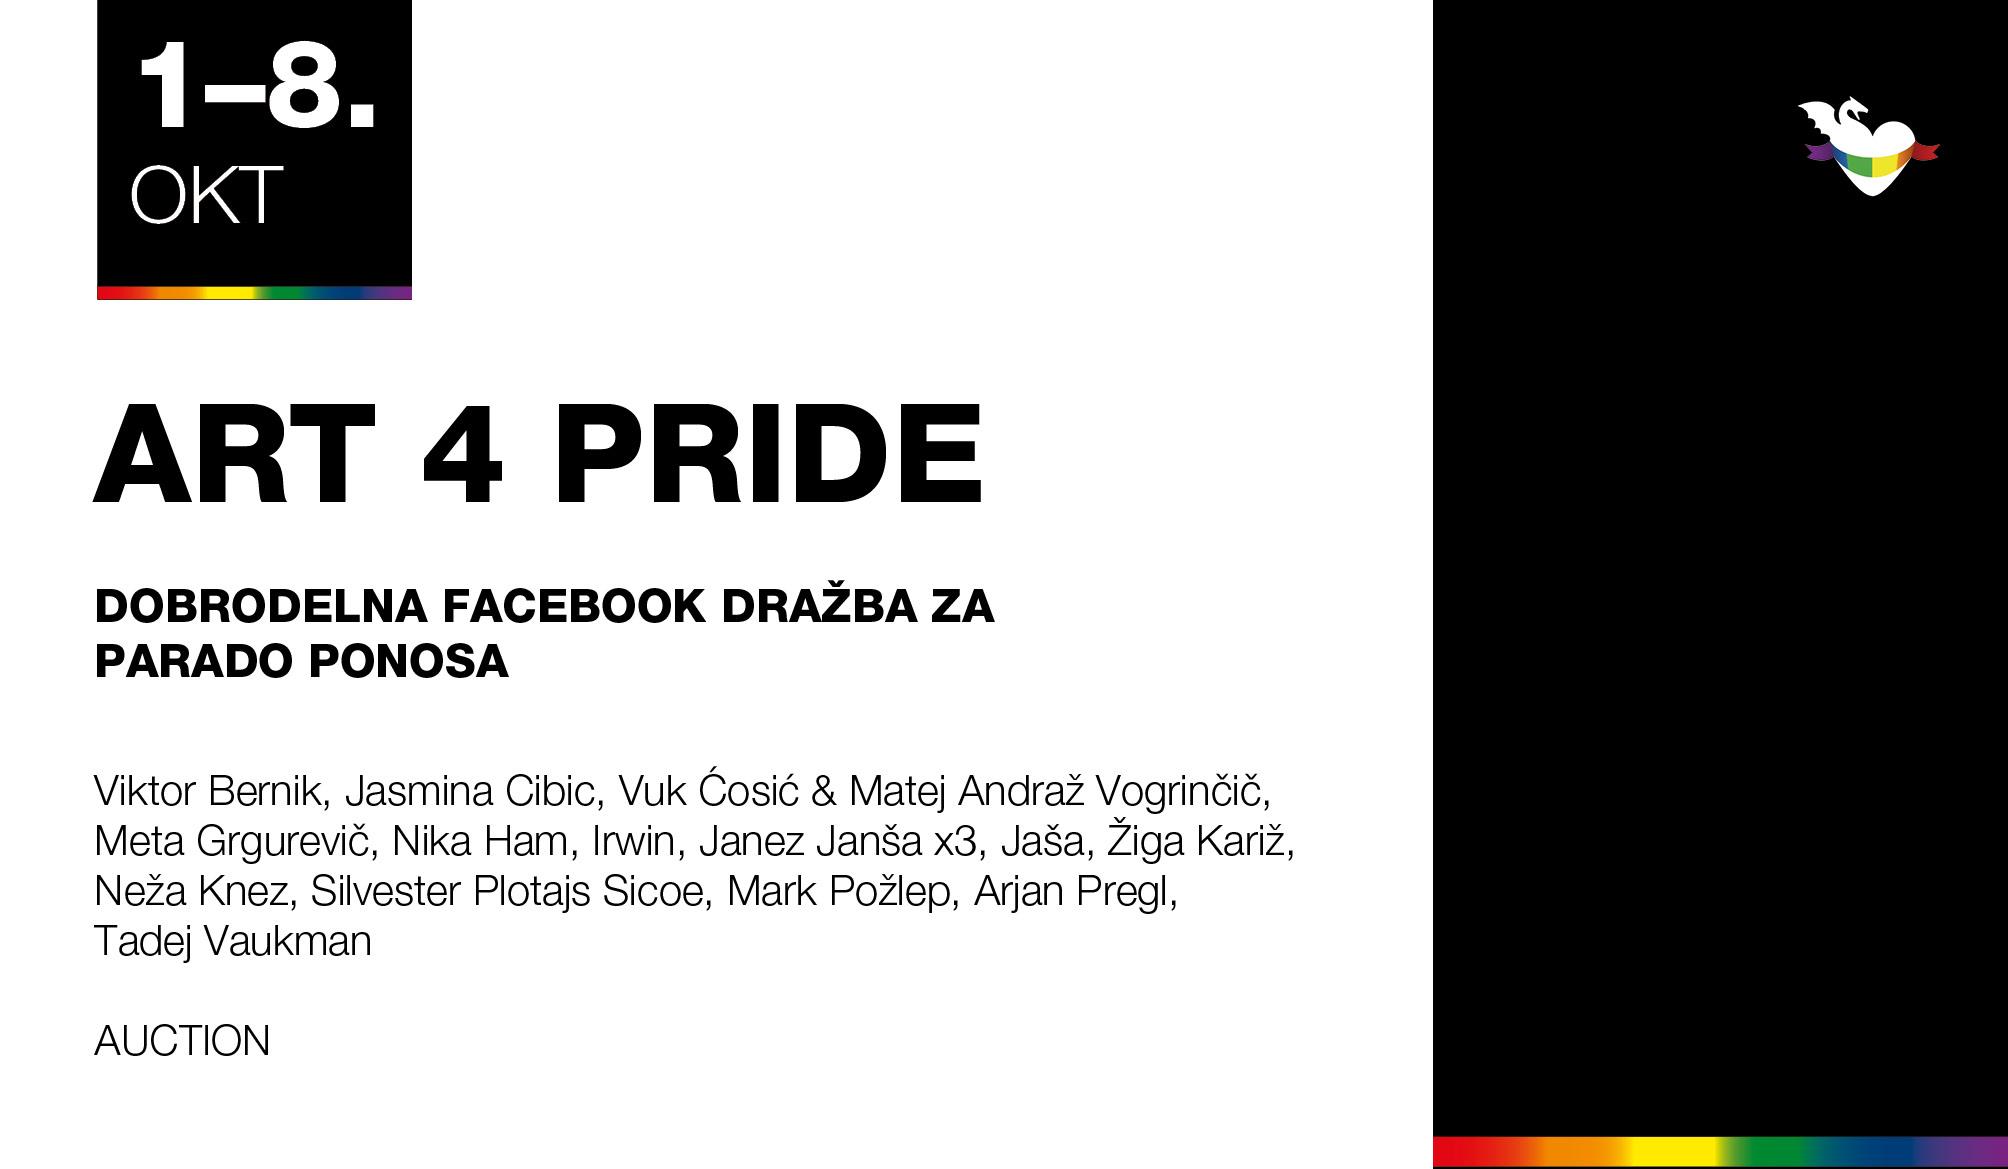 Art 4 Pride